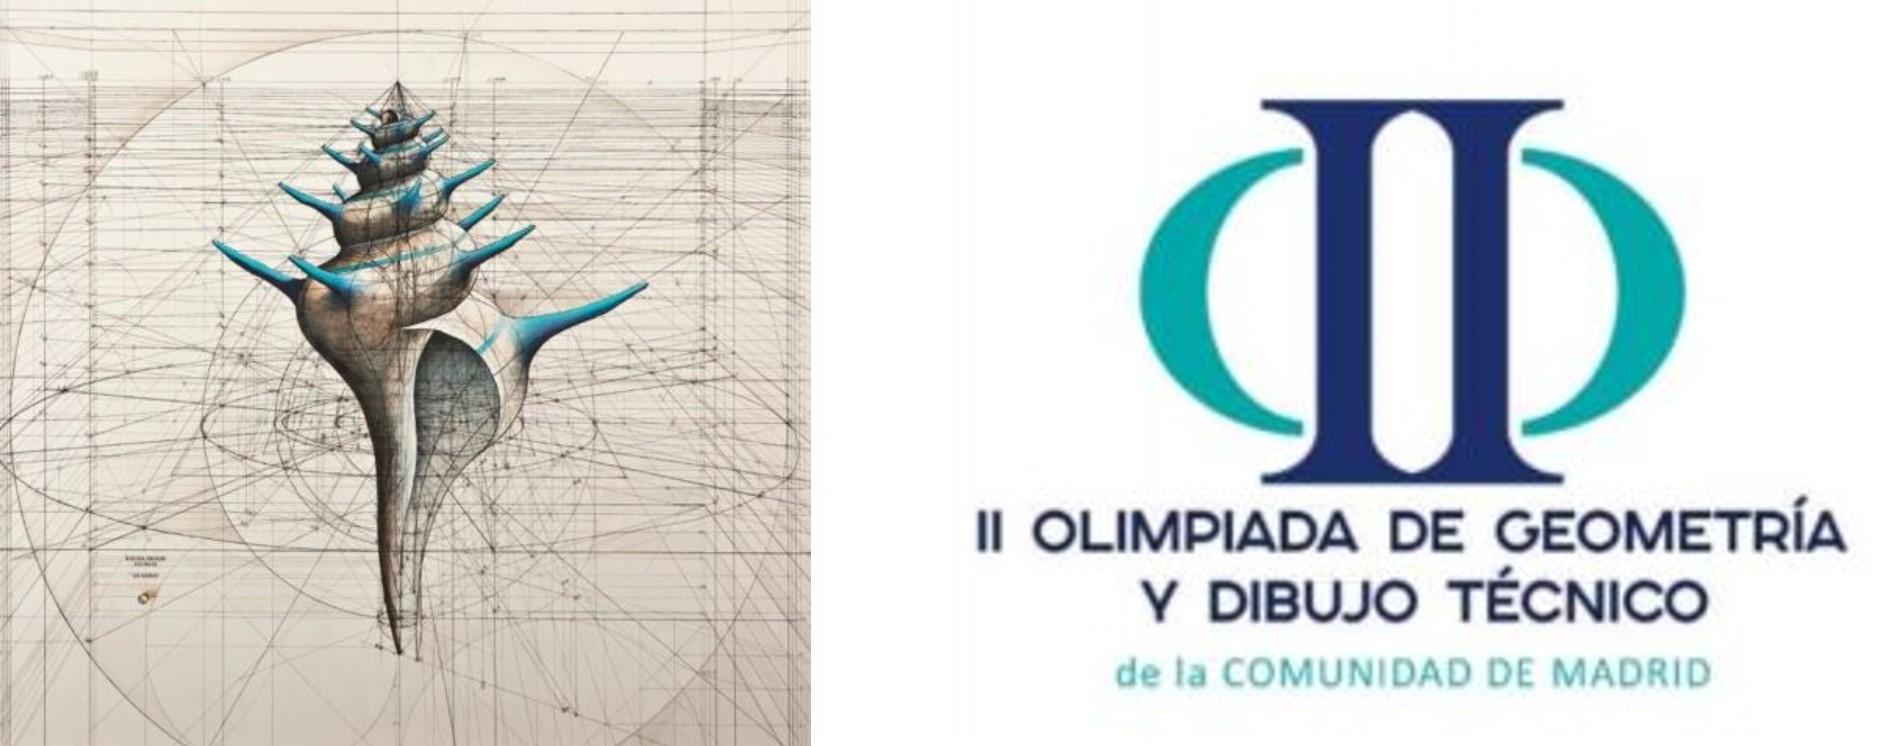 Bachillerato: II Olimpiada de Geometría y Dibujo Técnico de la Comunidad de Madrid